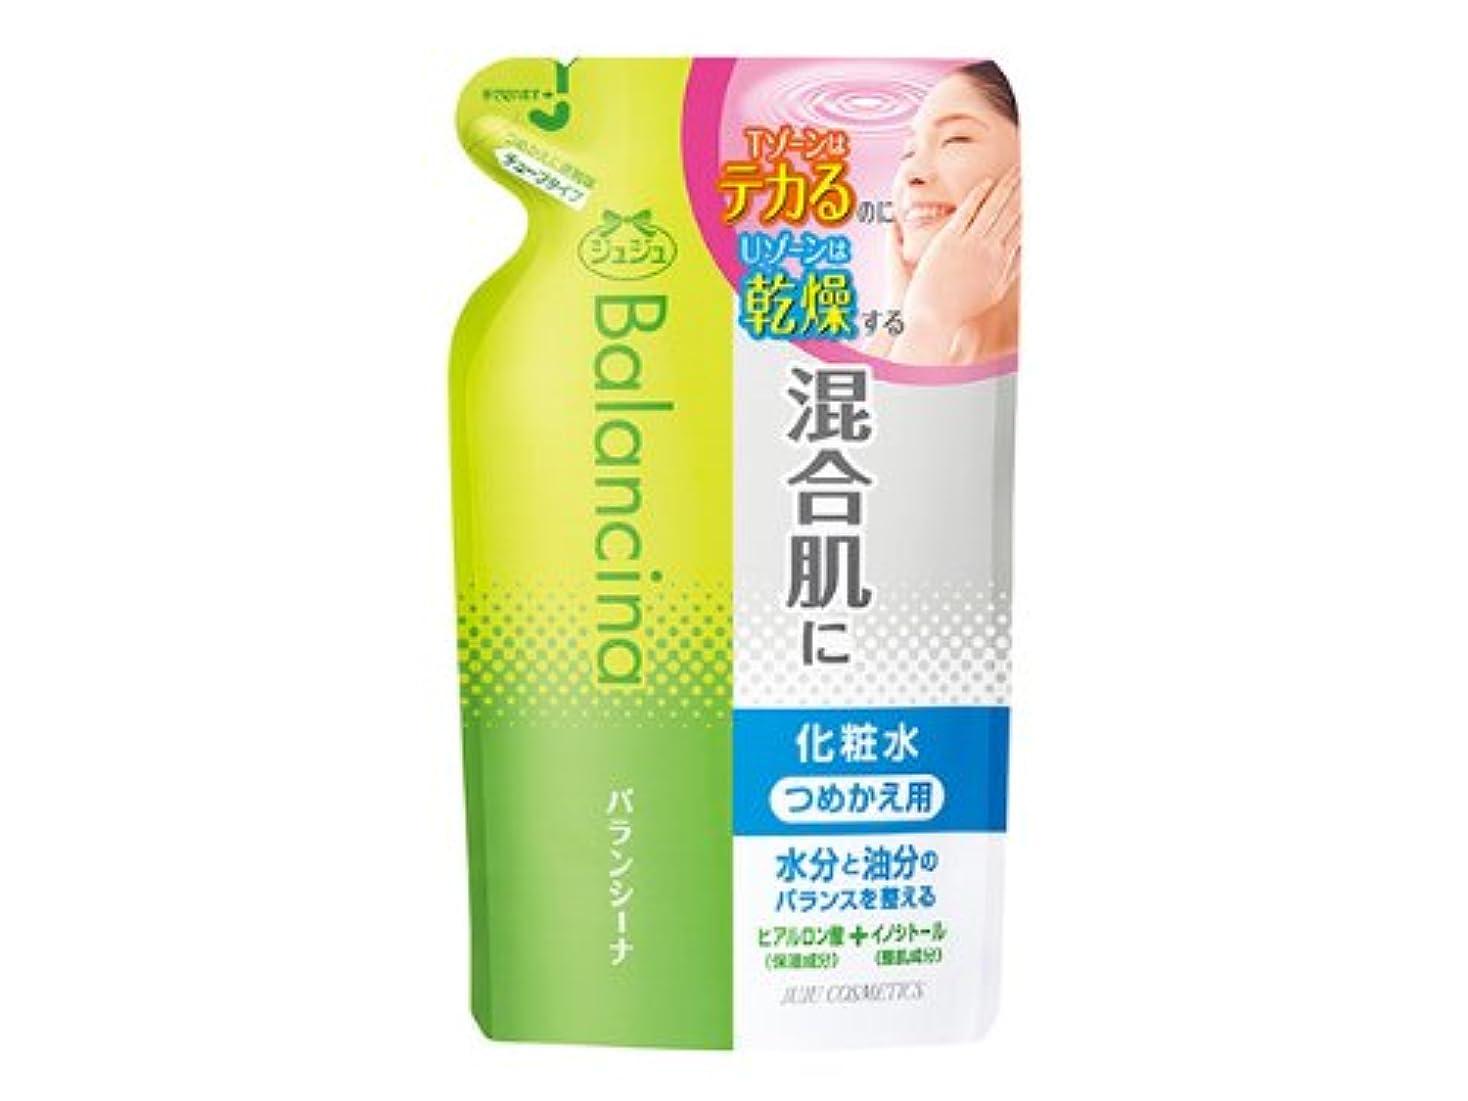 ビジュアルイヤホン寛大さバランシーナ 混合肌用化粧水 つめかえ用 130mL